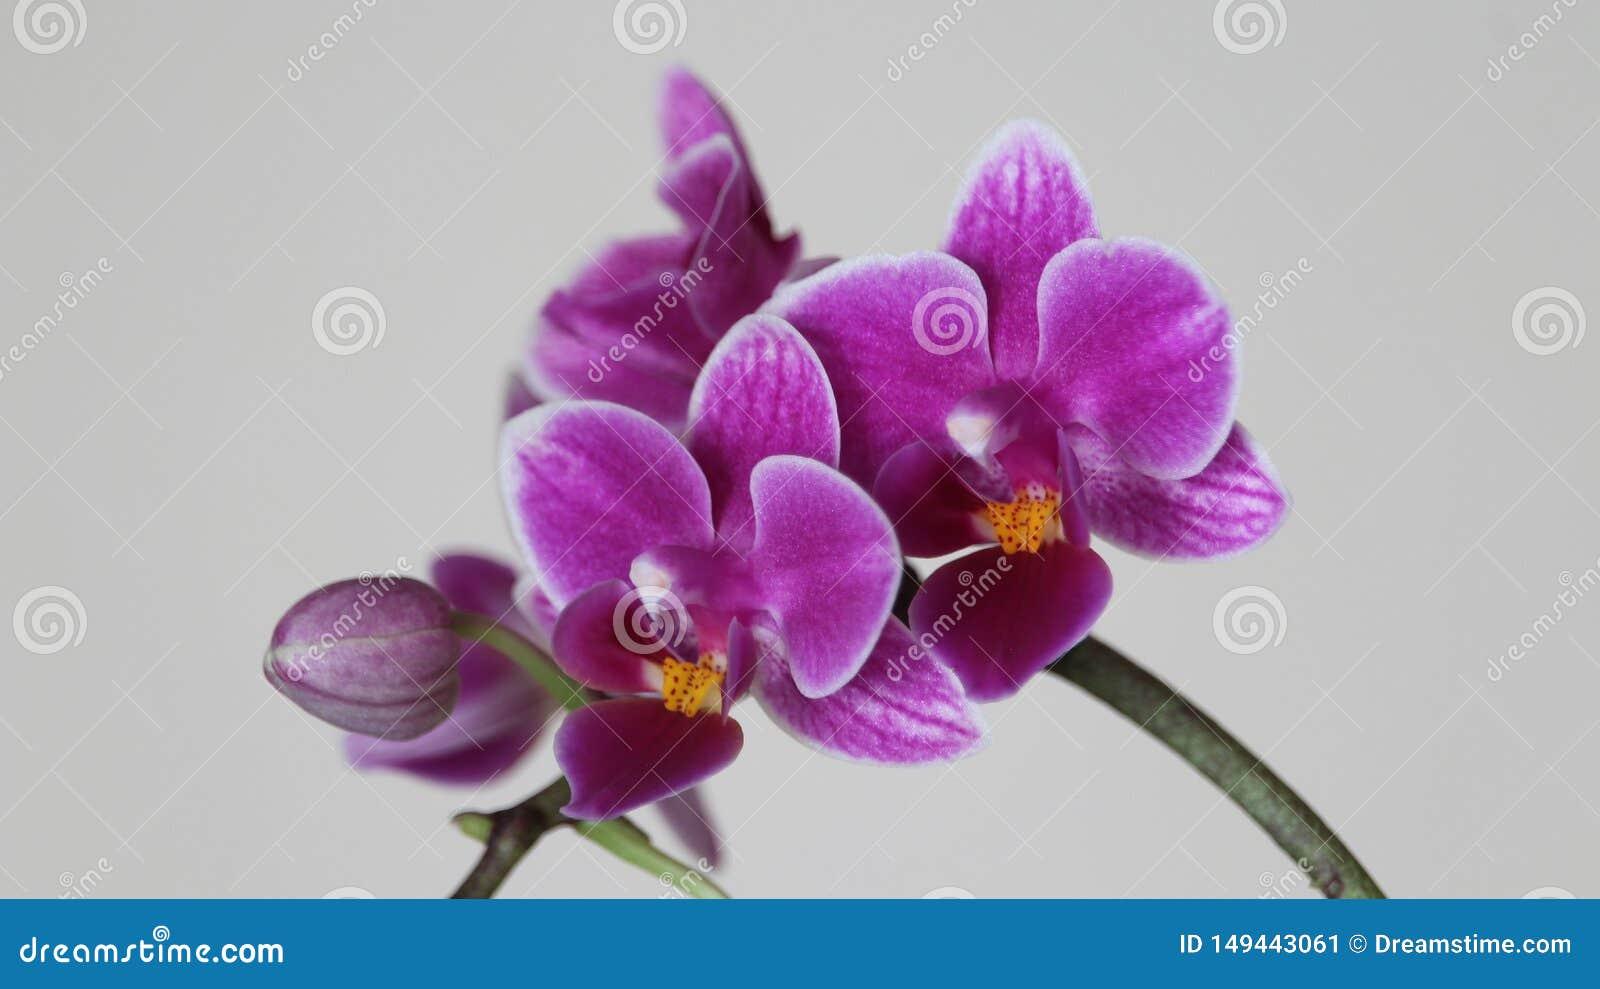 Sch?ner Orchideenwohnsitz der intensiven Farbe und vieler Sch?nheit